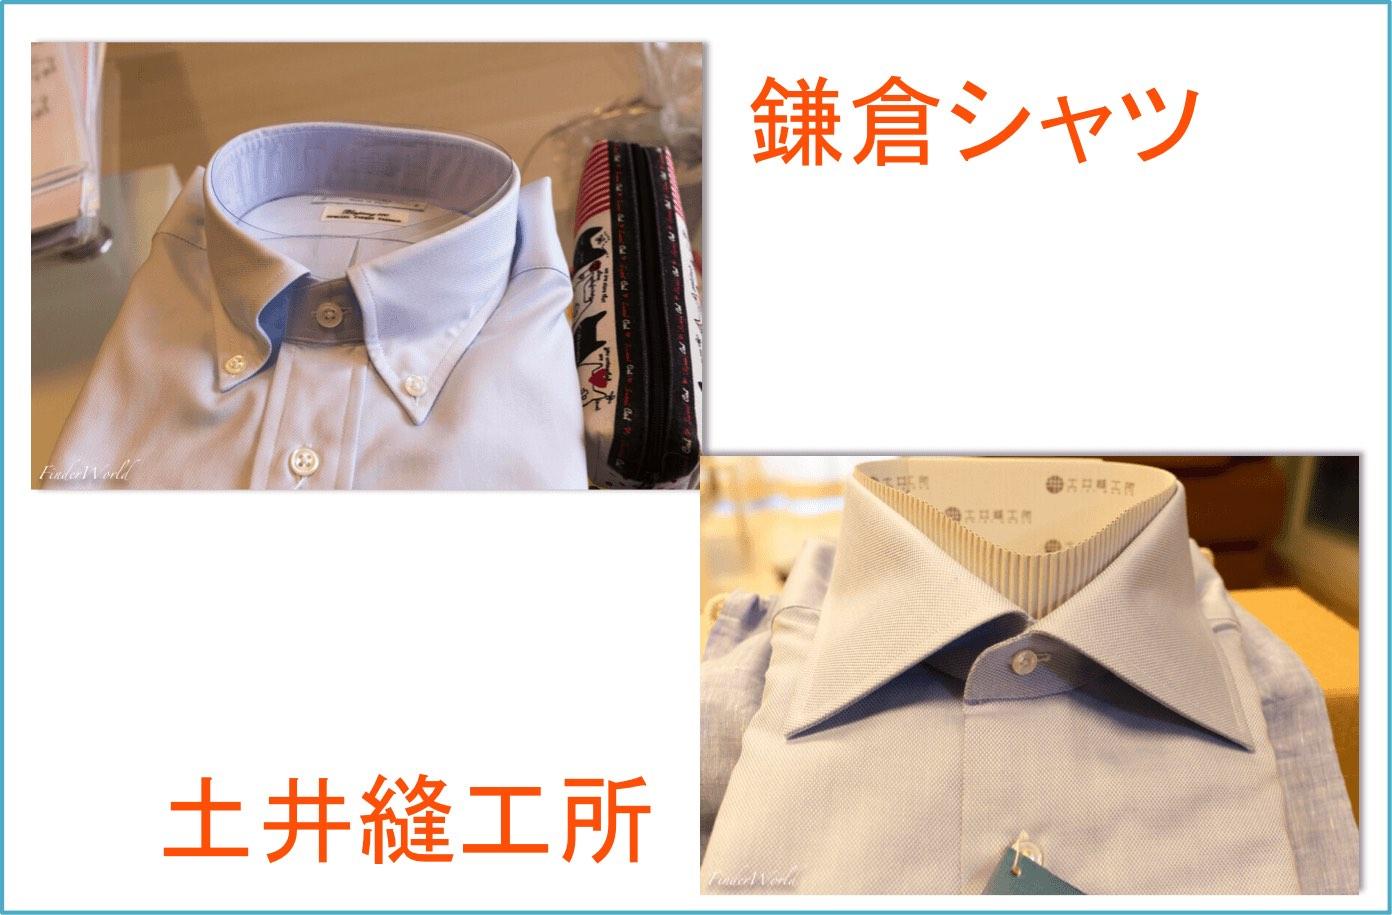 鎌倉シャツと土井縫工所の綿100%シャツを比べてみた